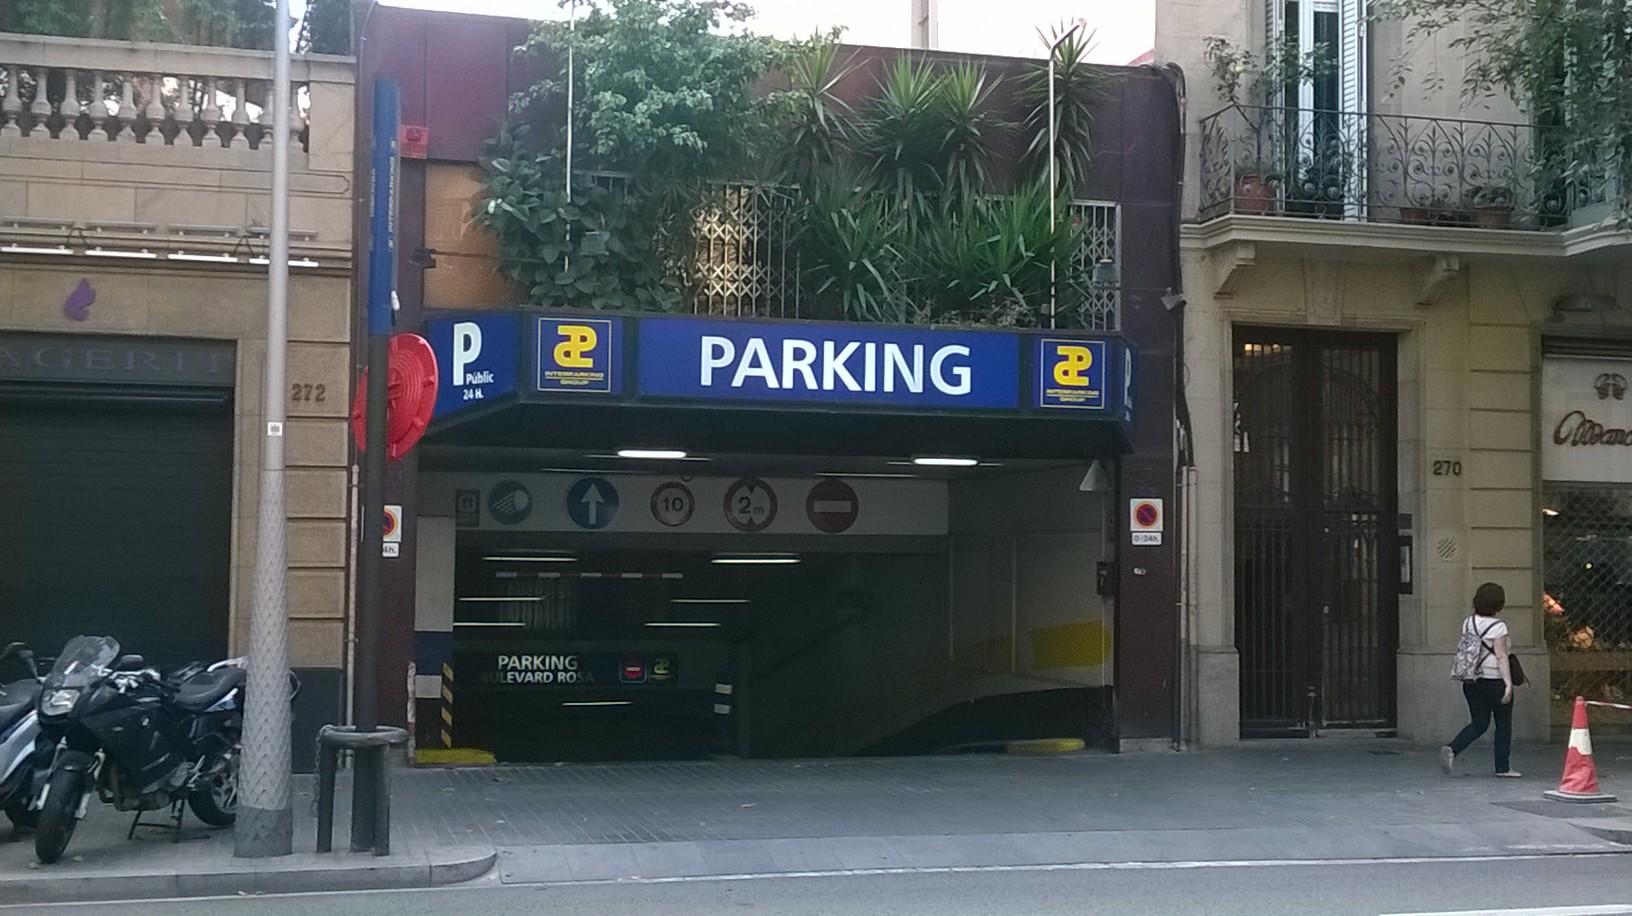 Lote de plazas de parking en passeig de gracia - Comprar parking en barcelona ...